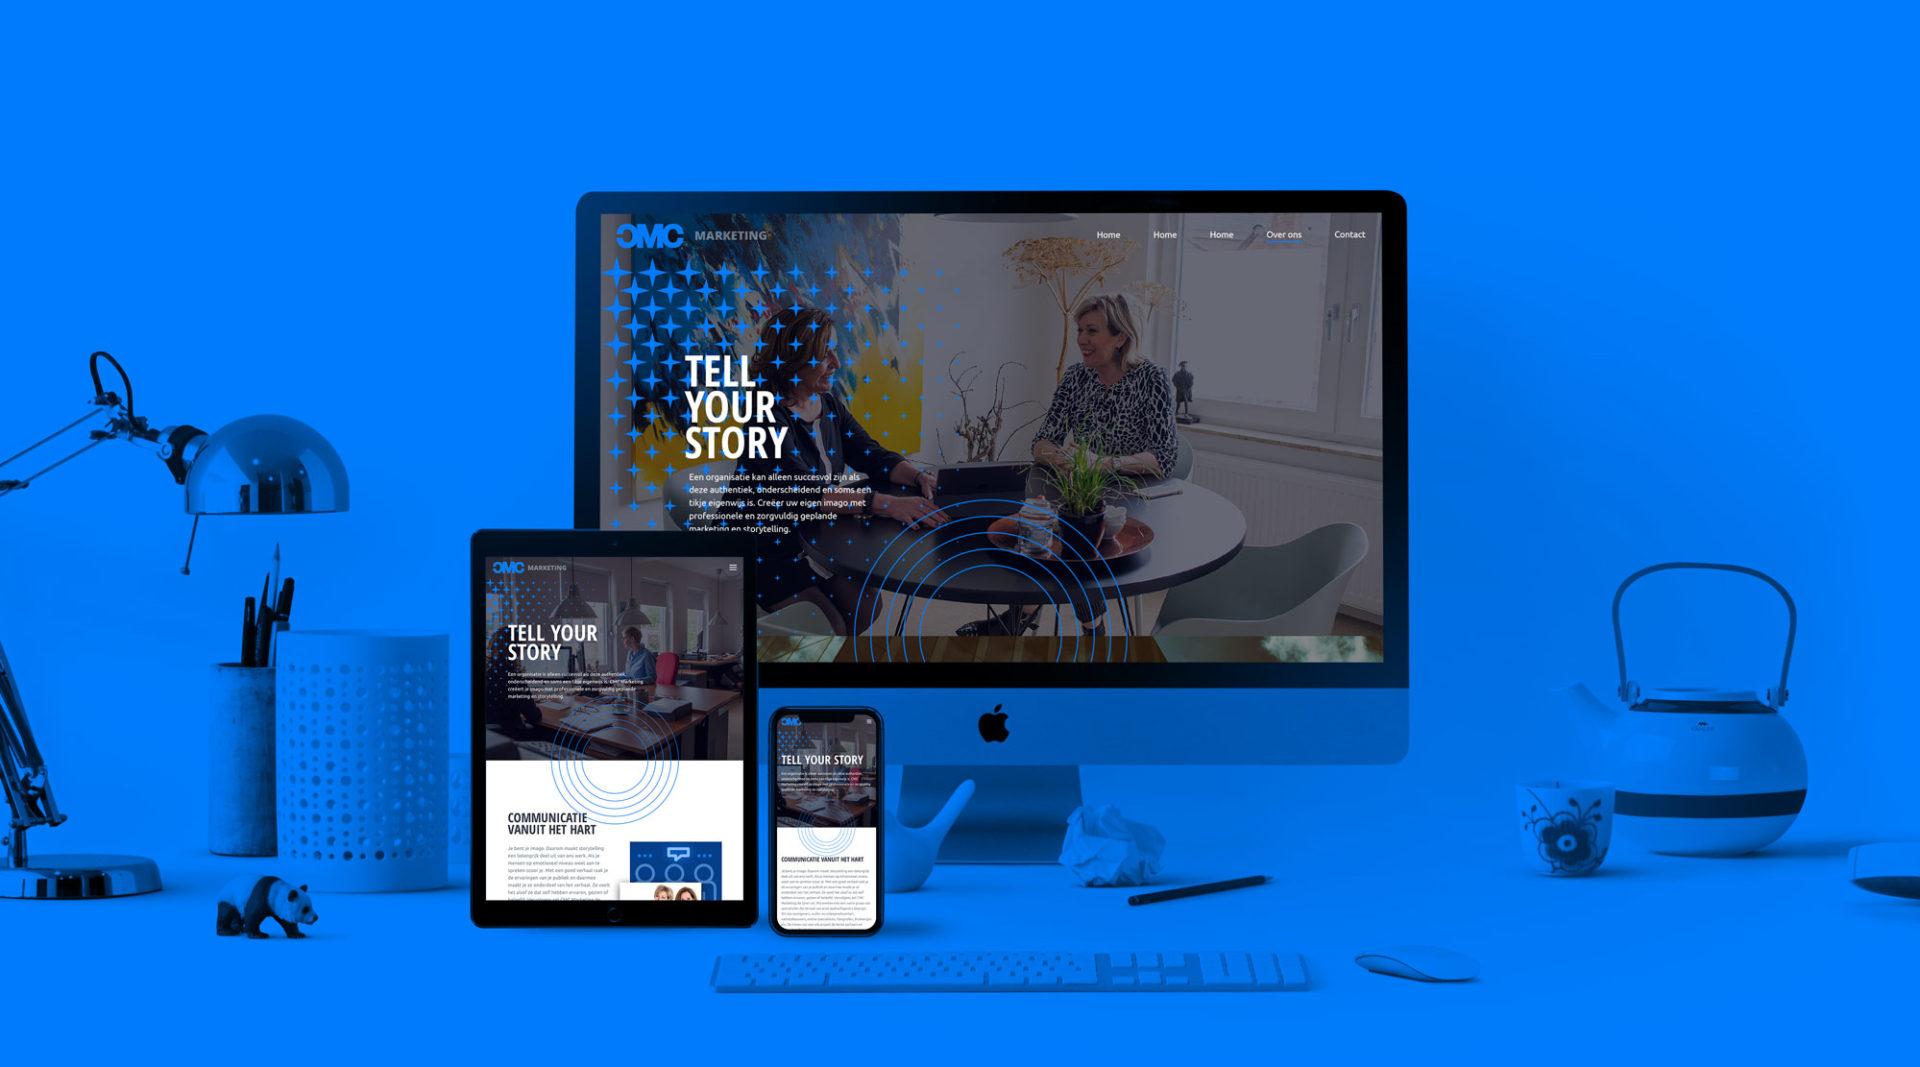 CMC responsive webdesign - Rene Verkaart)